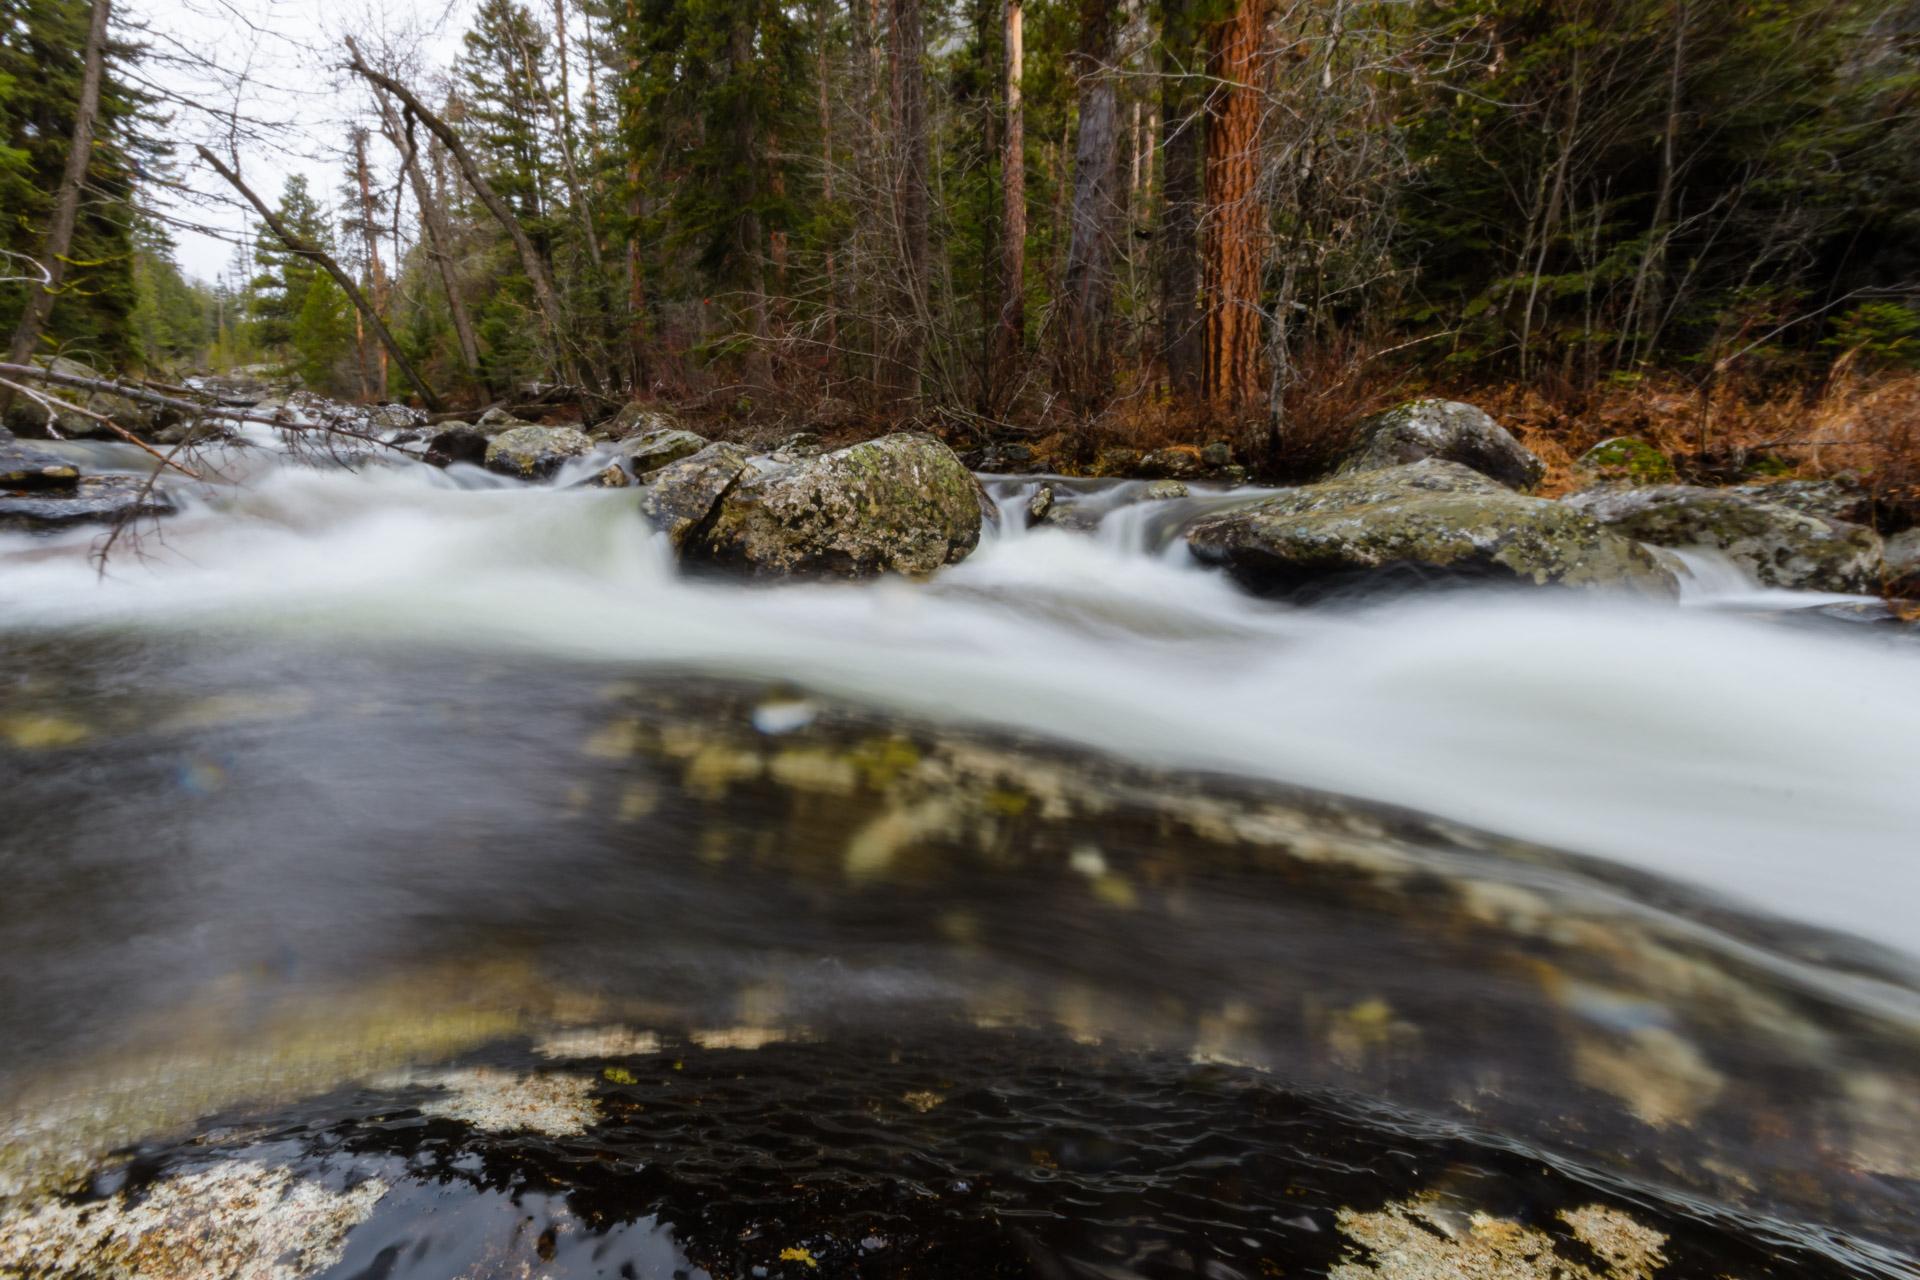 Bear Creek skims over granite boulders